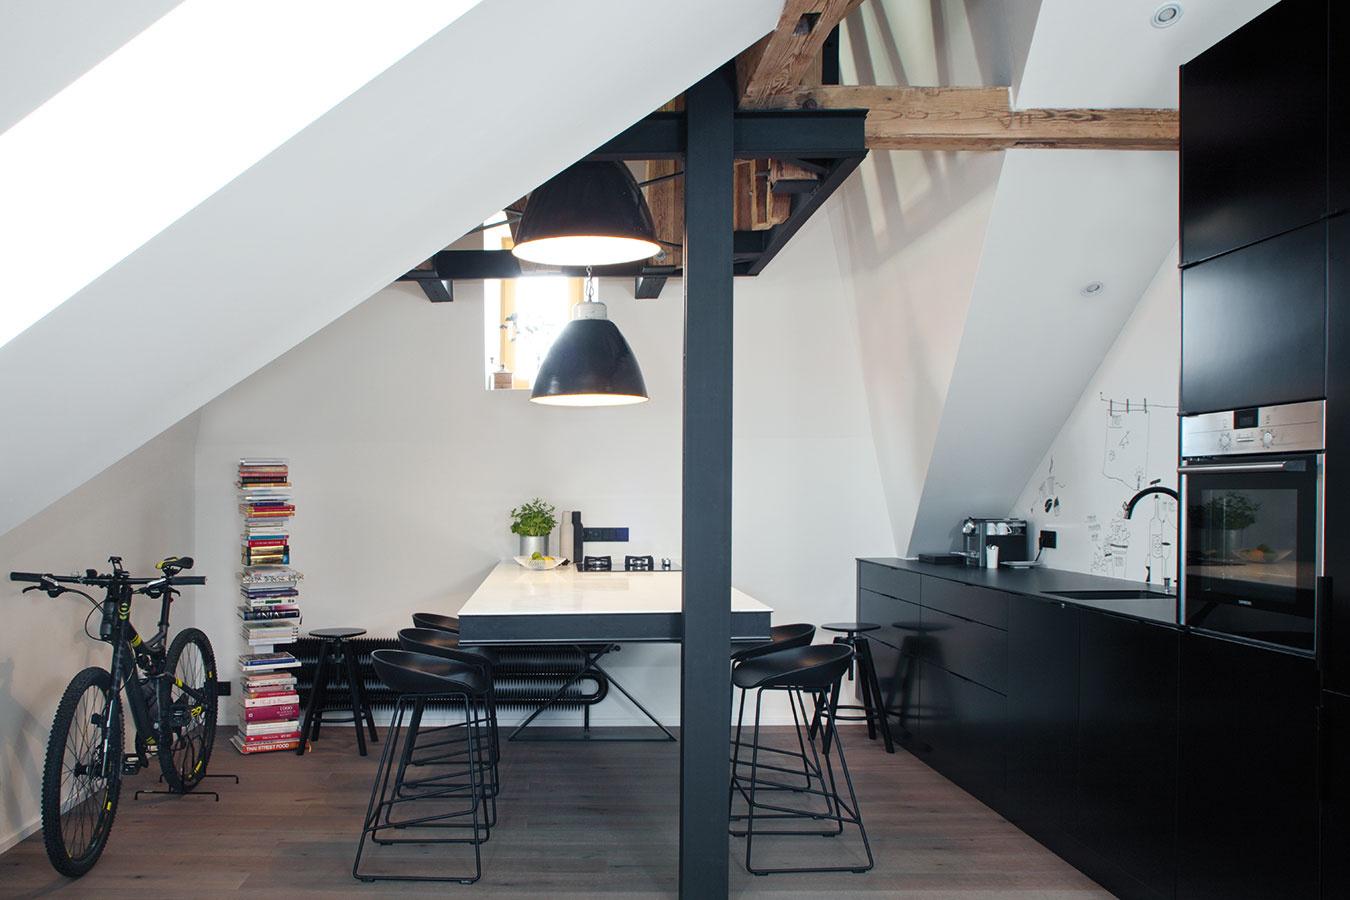 Stolovanie pod vežou. Podkrovie si majitelia vybrali pre jeho atypické proporcie, šikminy avysoké stropy, ale najmä pre vežu, ktorá zasahuje do bytu. Husté trámy jej konštrukcie boli nahradené niekoľkými oceľovými väzníkmi astĺpom, vďaka čomu vzniklo priamo pod vežou ideálne miesto na jedálenský stôl.